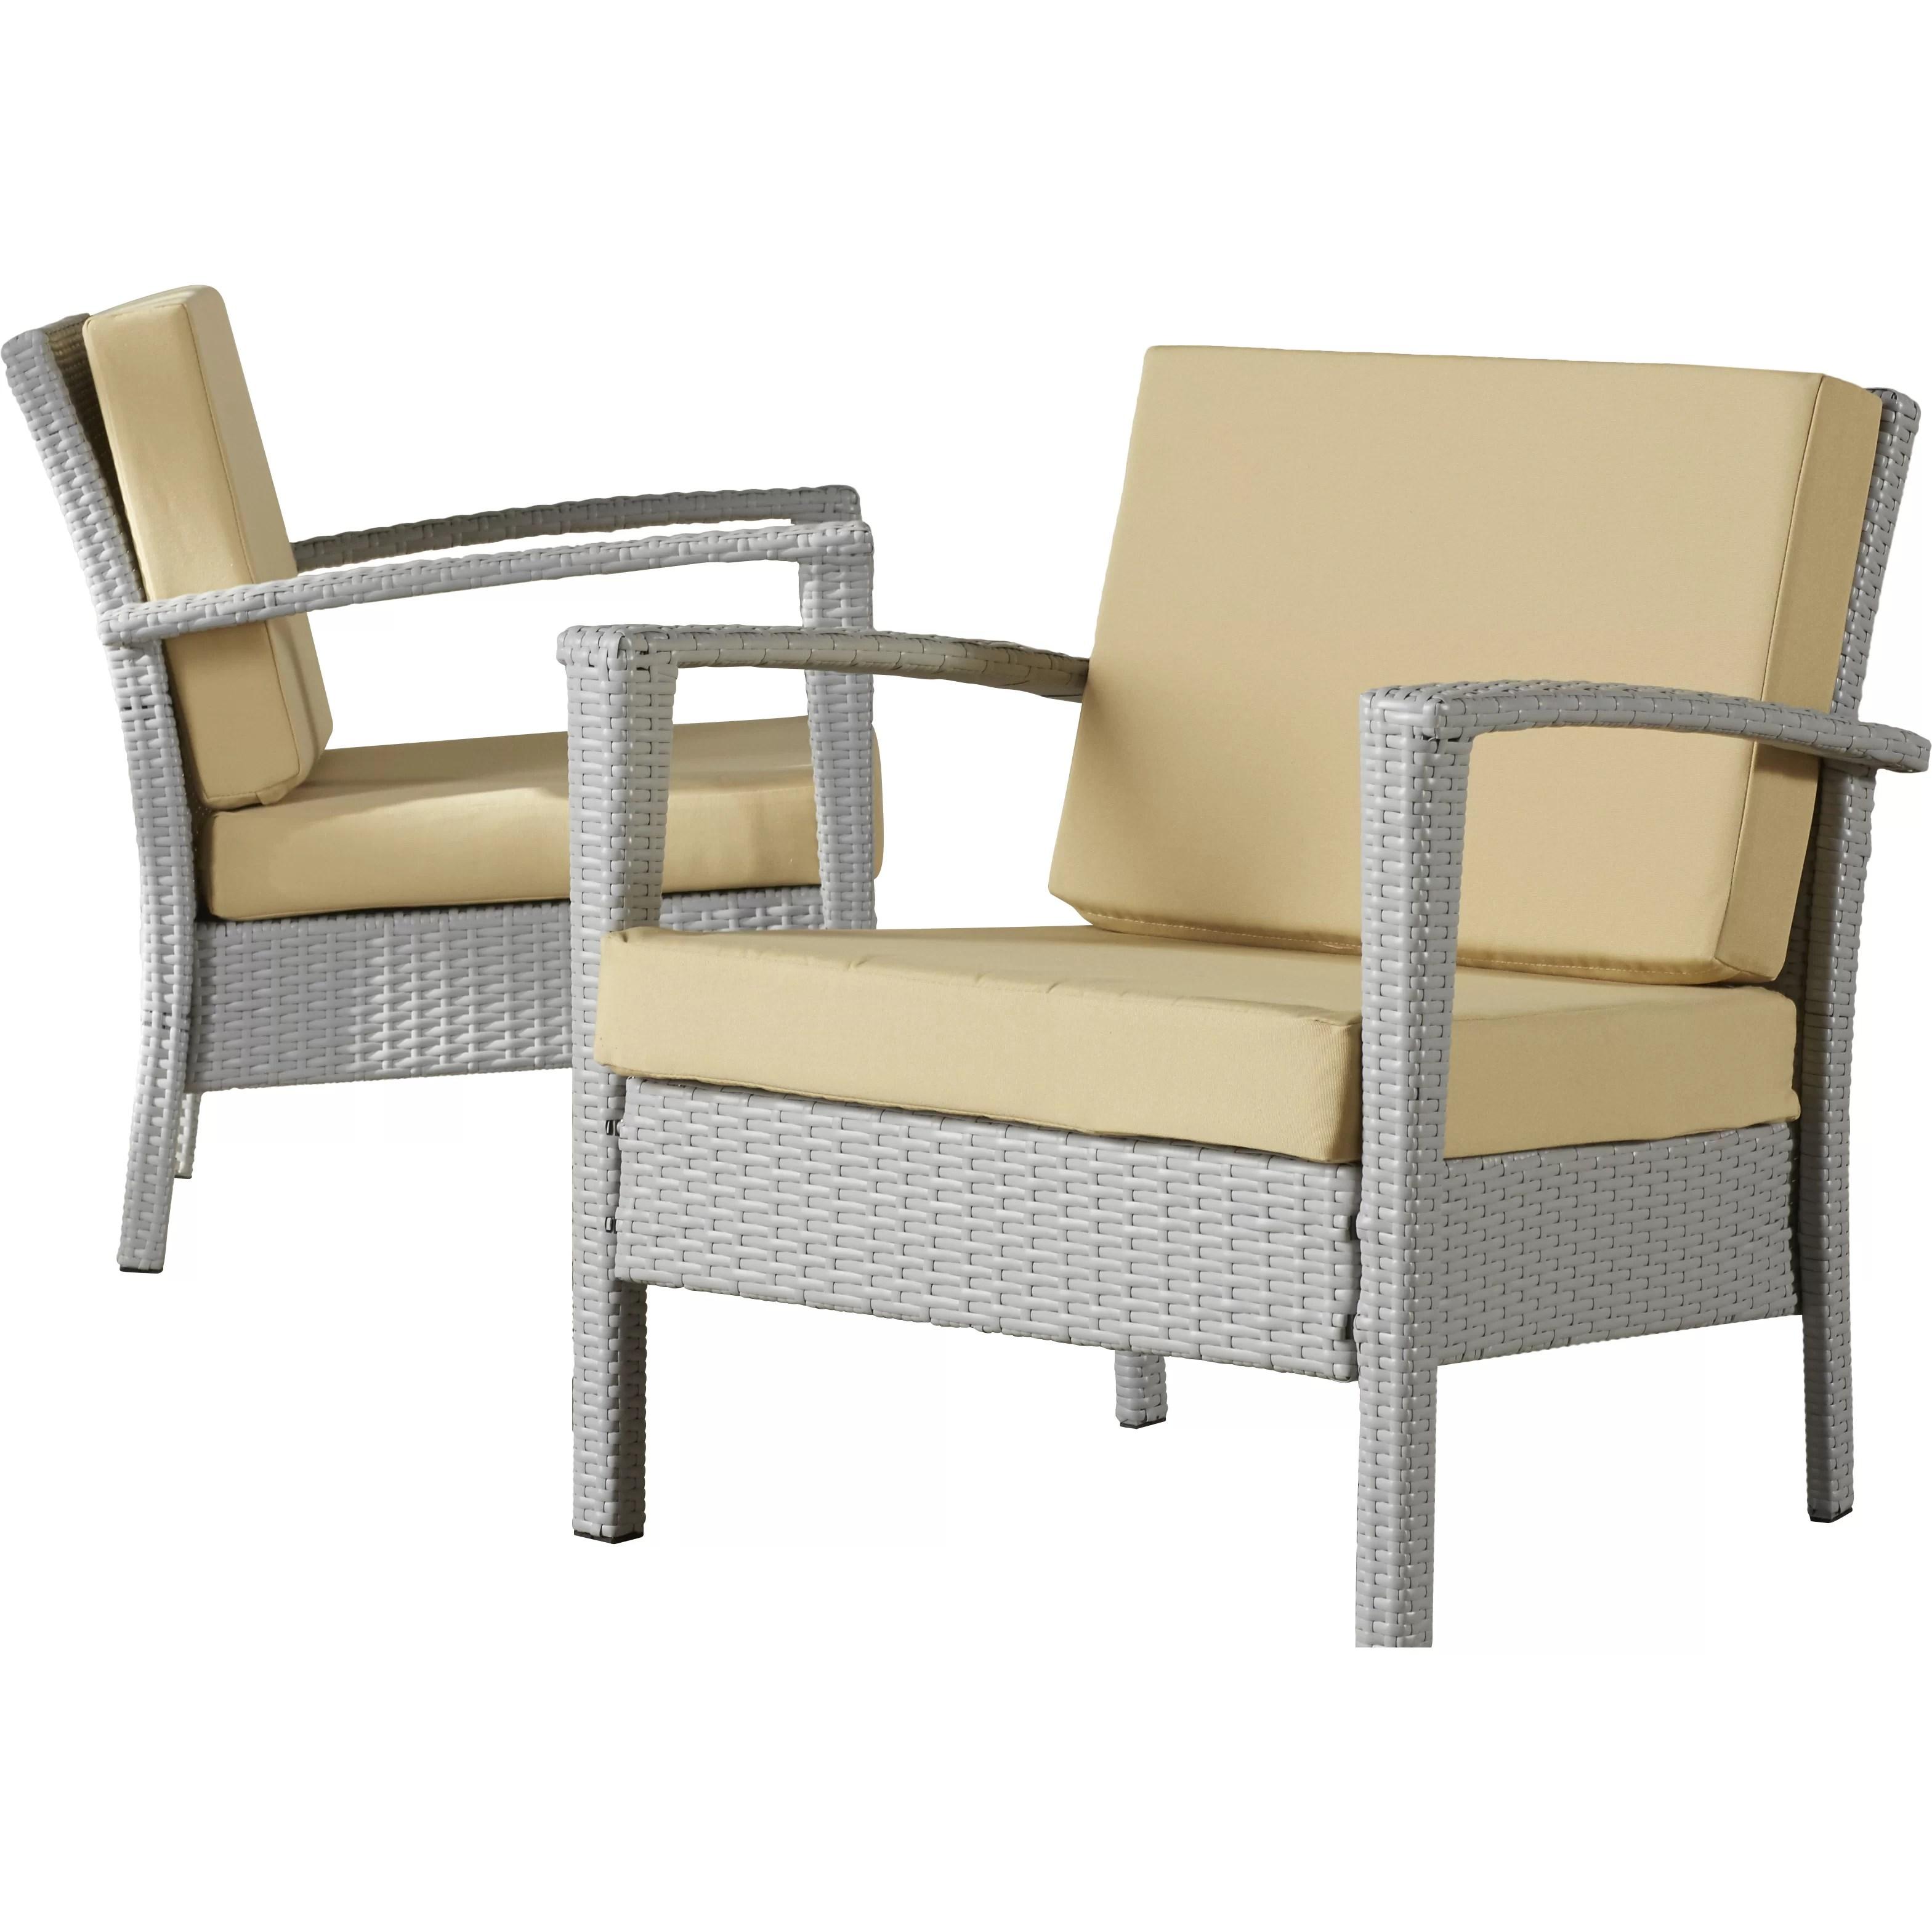 1 piece patio chair cushions best gaming uk 2017 brayden studio piscataway 4 outdoor dining